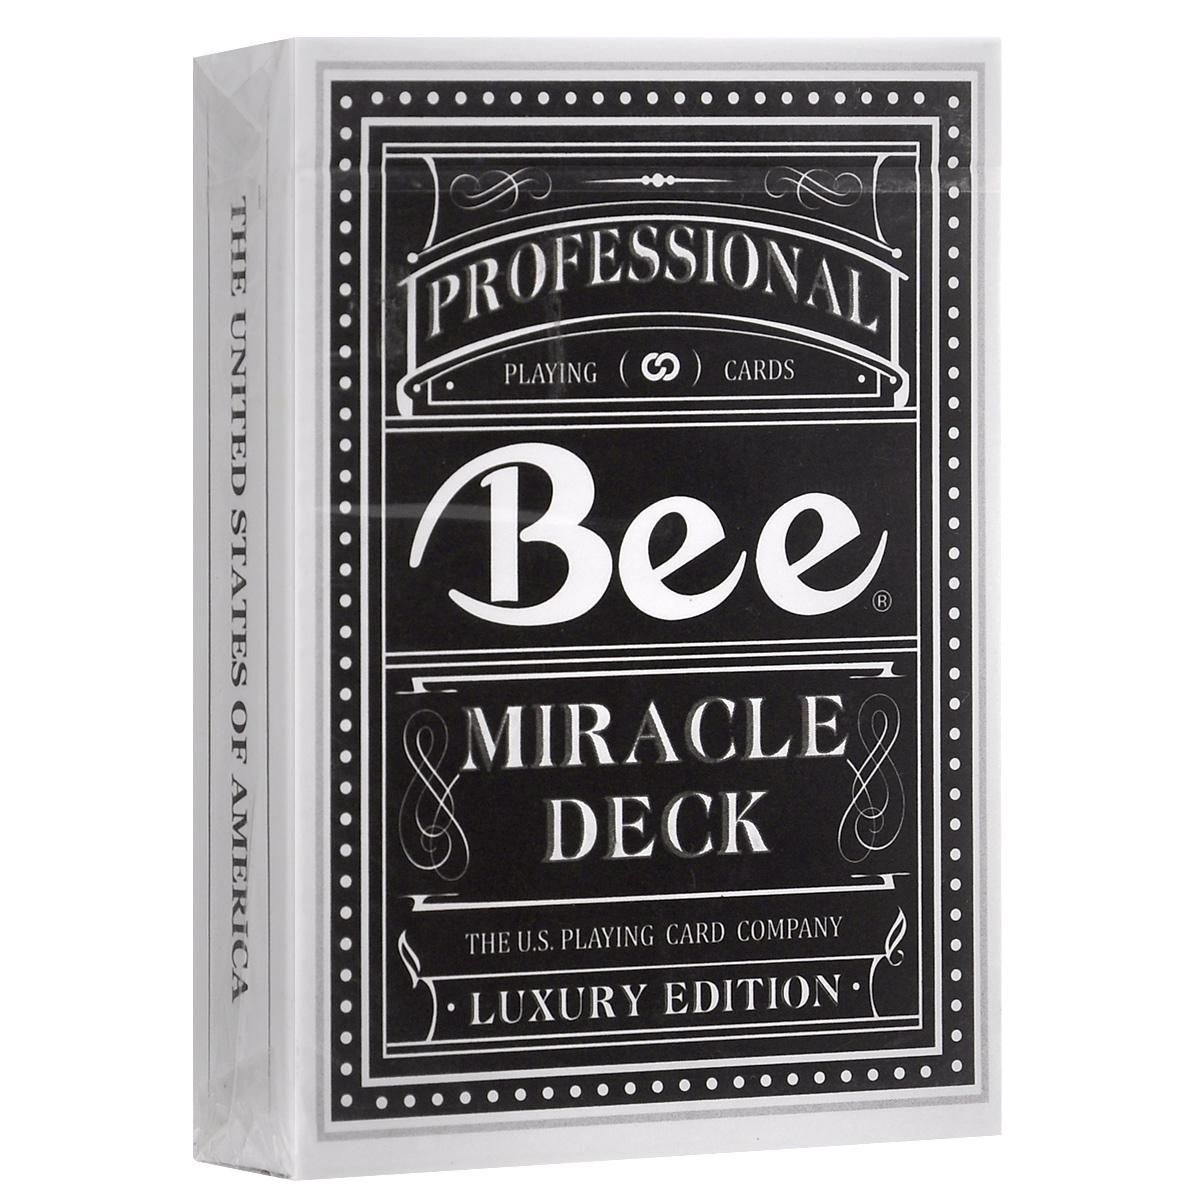 Игральные карты Bee Magic 8, цвет: черныйК-337Колода изготовлена специально для крупнейшей магической ассоциации Китая. За основу взят дизайн карт Bee. Magic 8 - одна из наиболее надежных платформ в мире магии, и насчитывает более 20 000 участников. Ее основателем является всемирно известный фокусник Лю Чен.